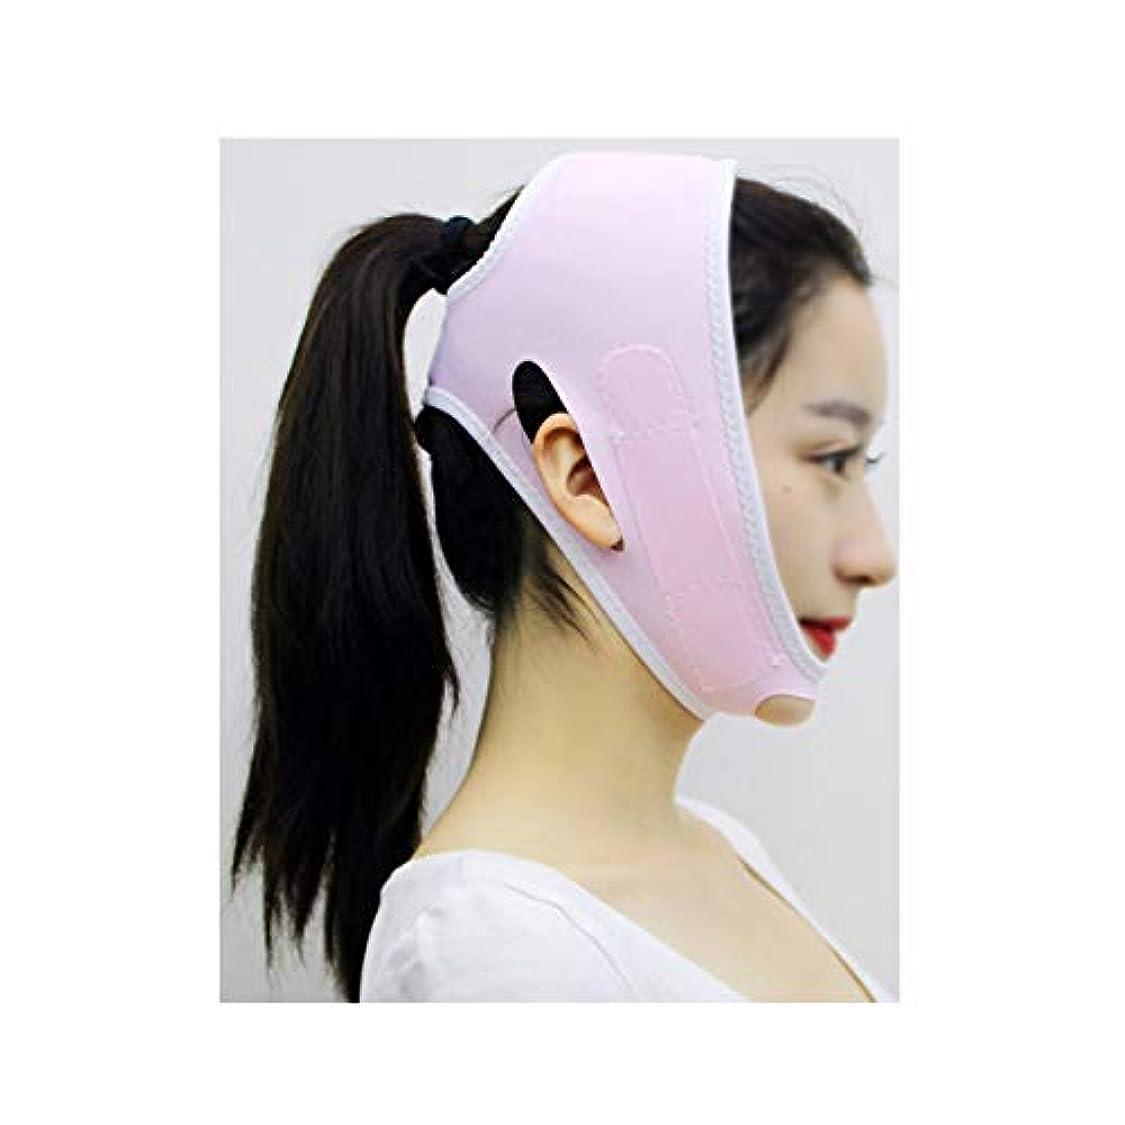 遅いたらい繊維TLMY フェイシャルリフティングマスクあごストラップ修復包帯ヘッドバンドマスクフェイスリフティングスモールVフェイスアーティファクト型美容弾性フェイシャル&ネックリフティング 顔用整形マスク (Color : Pink)